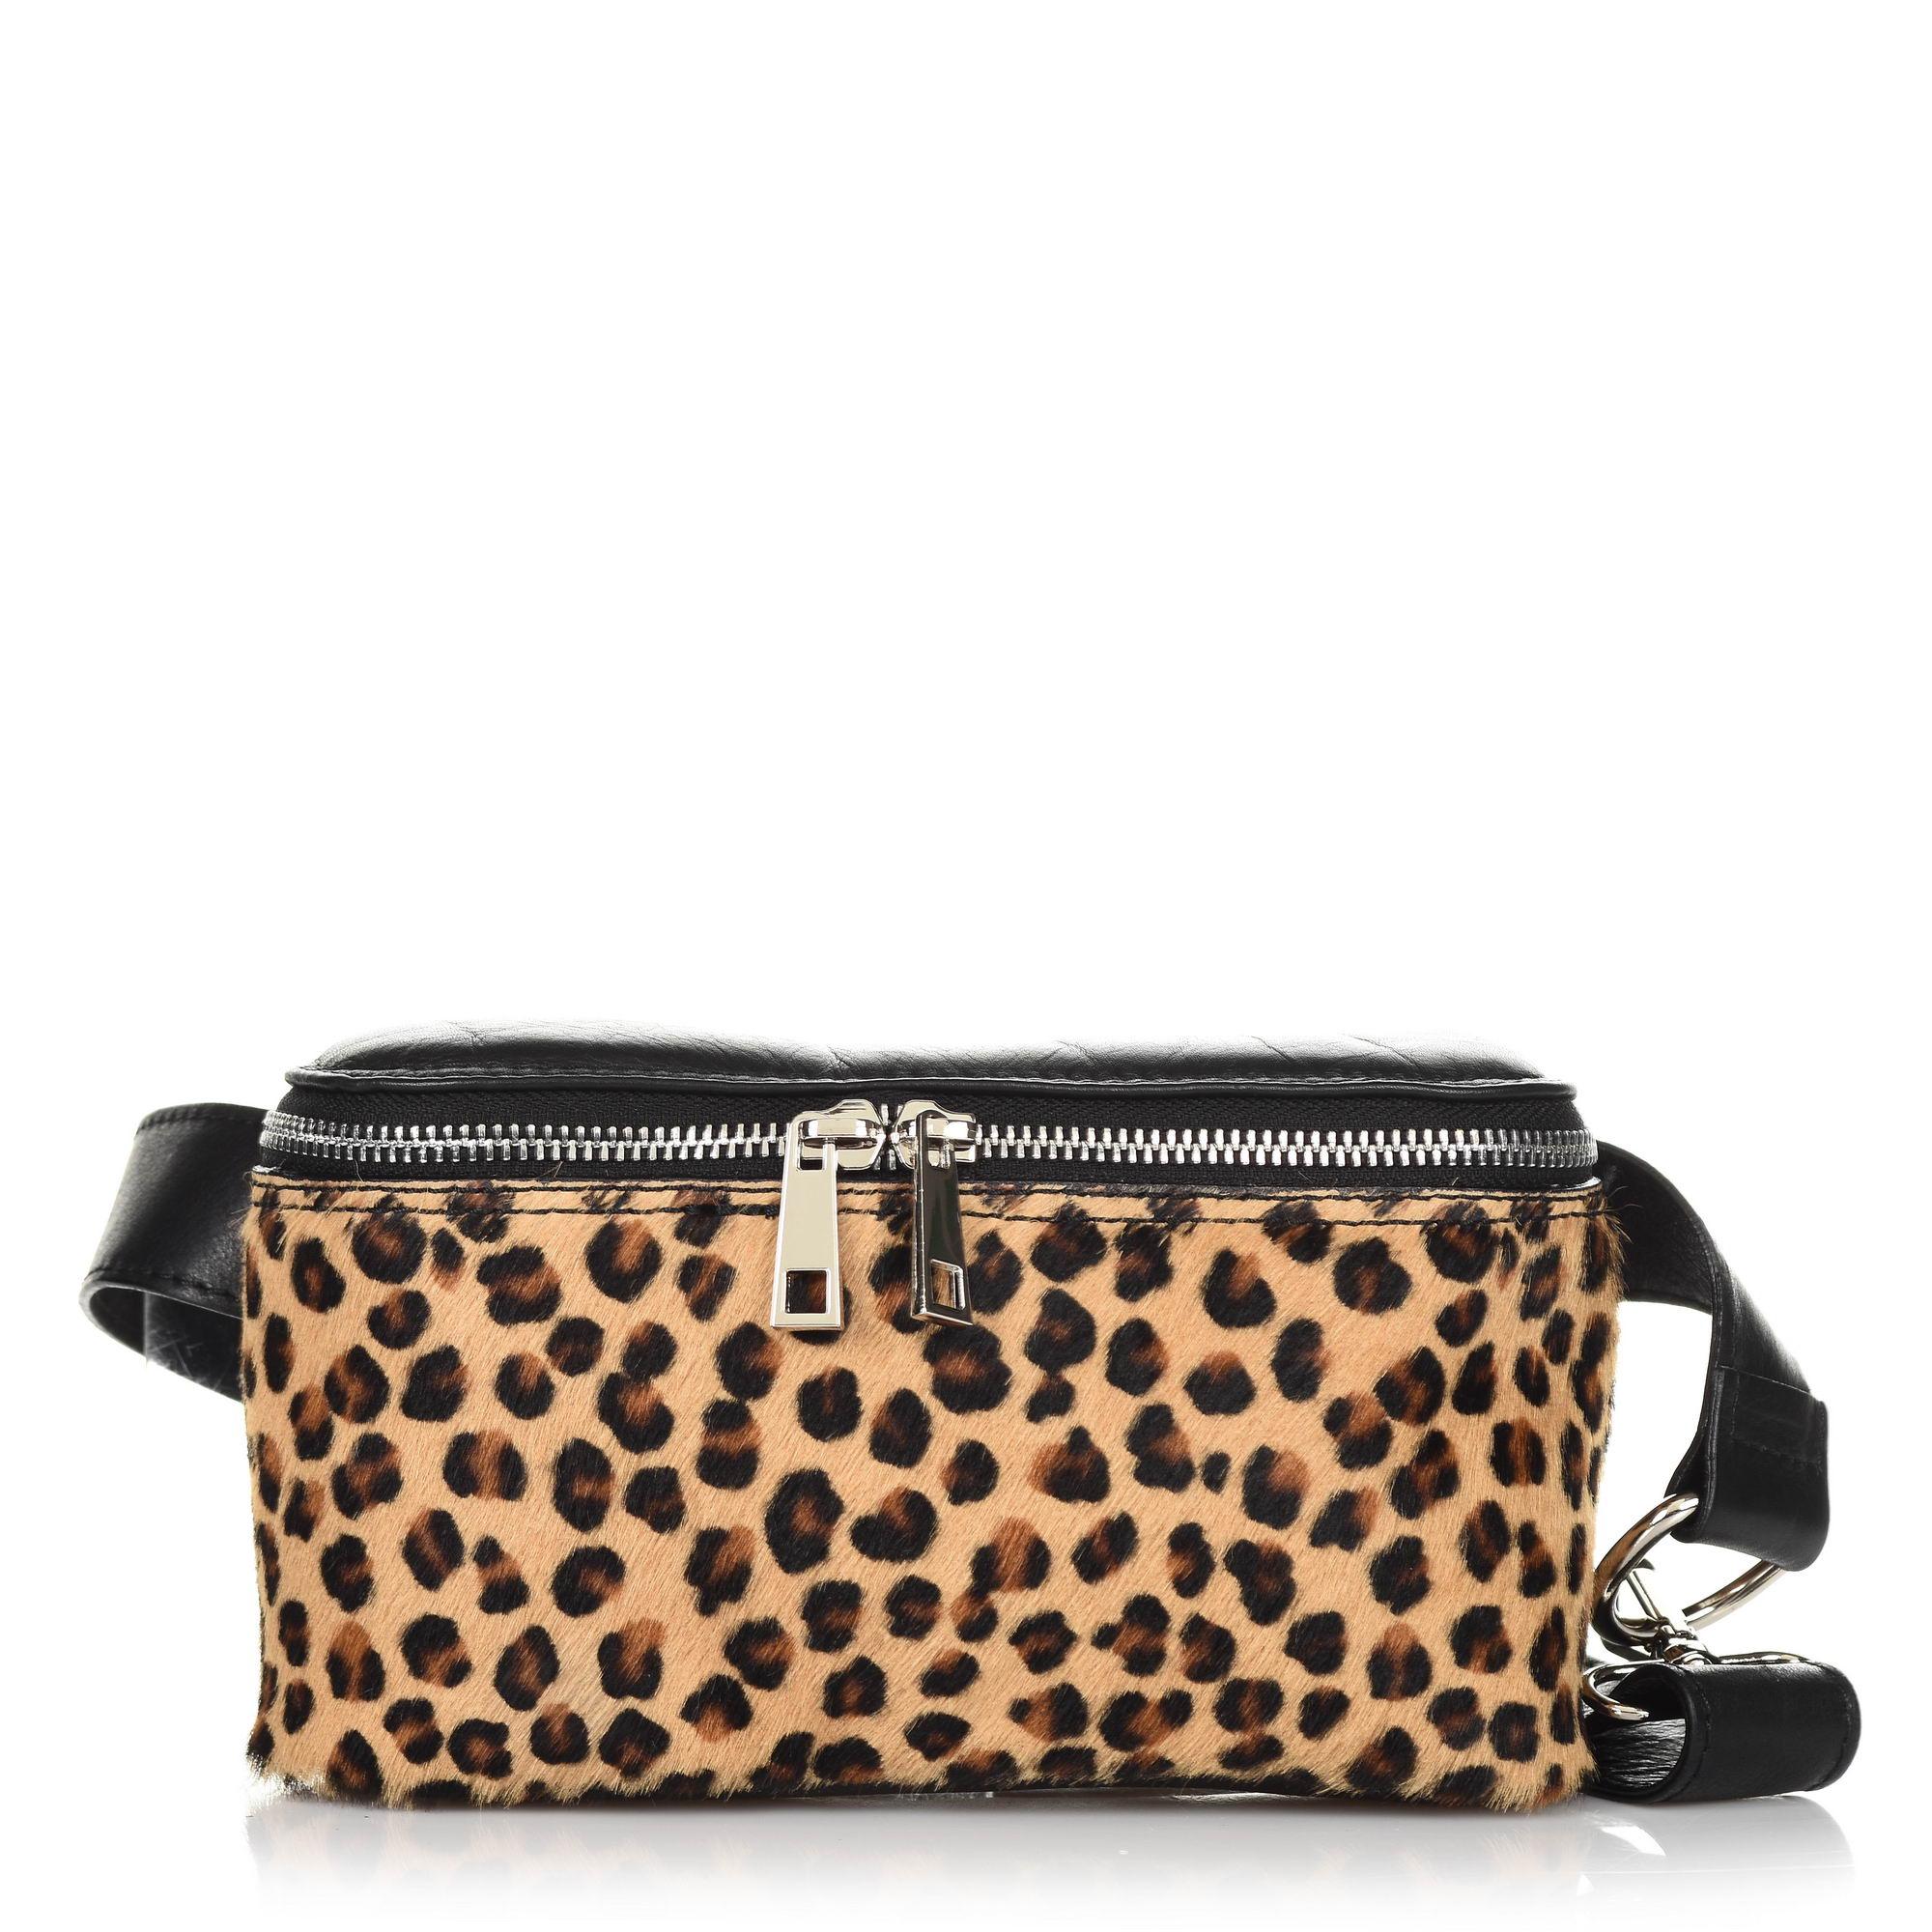 Δερμάτινο Τσαντάκι Μέσης Brandbags Collection 005222 γυναικα   γυναικεία τσάντα